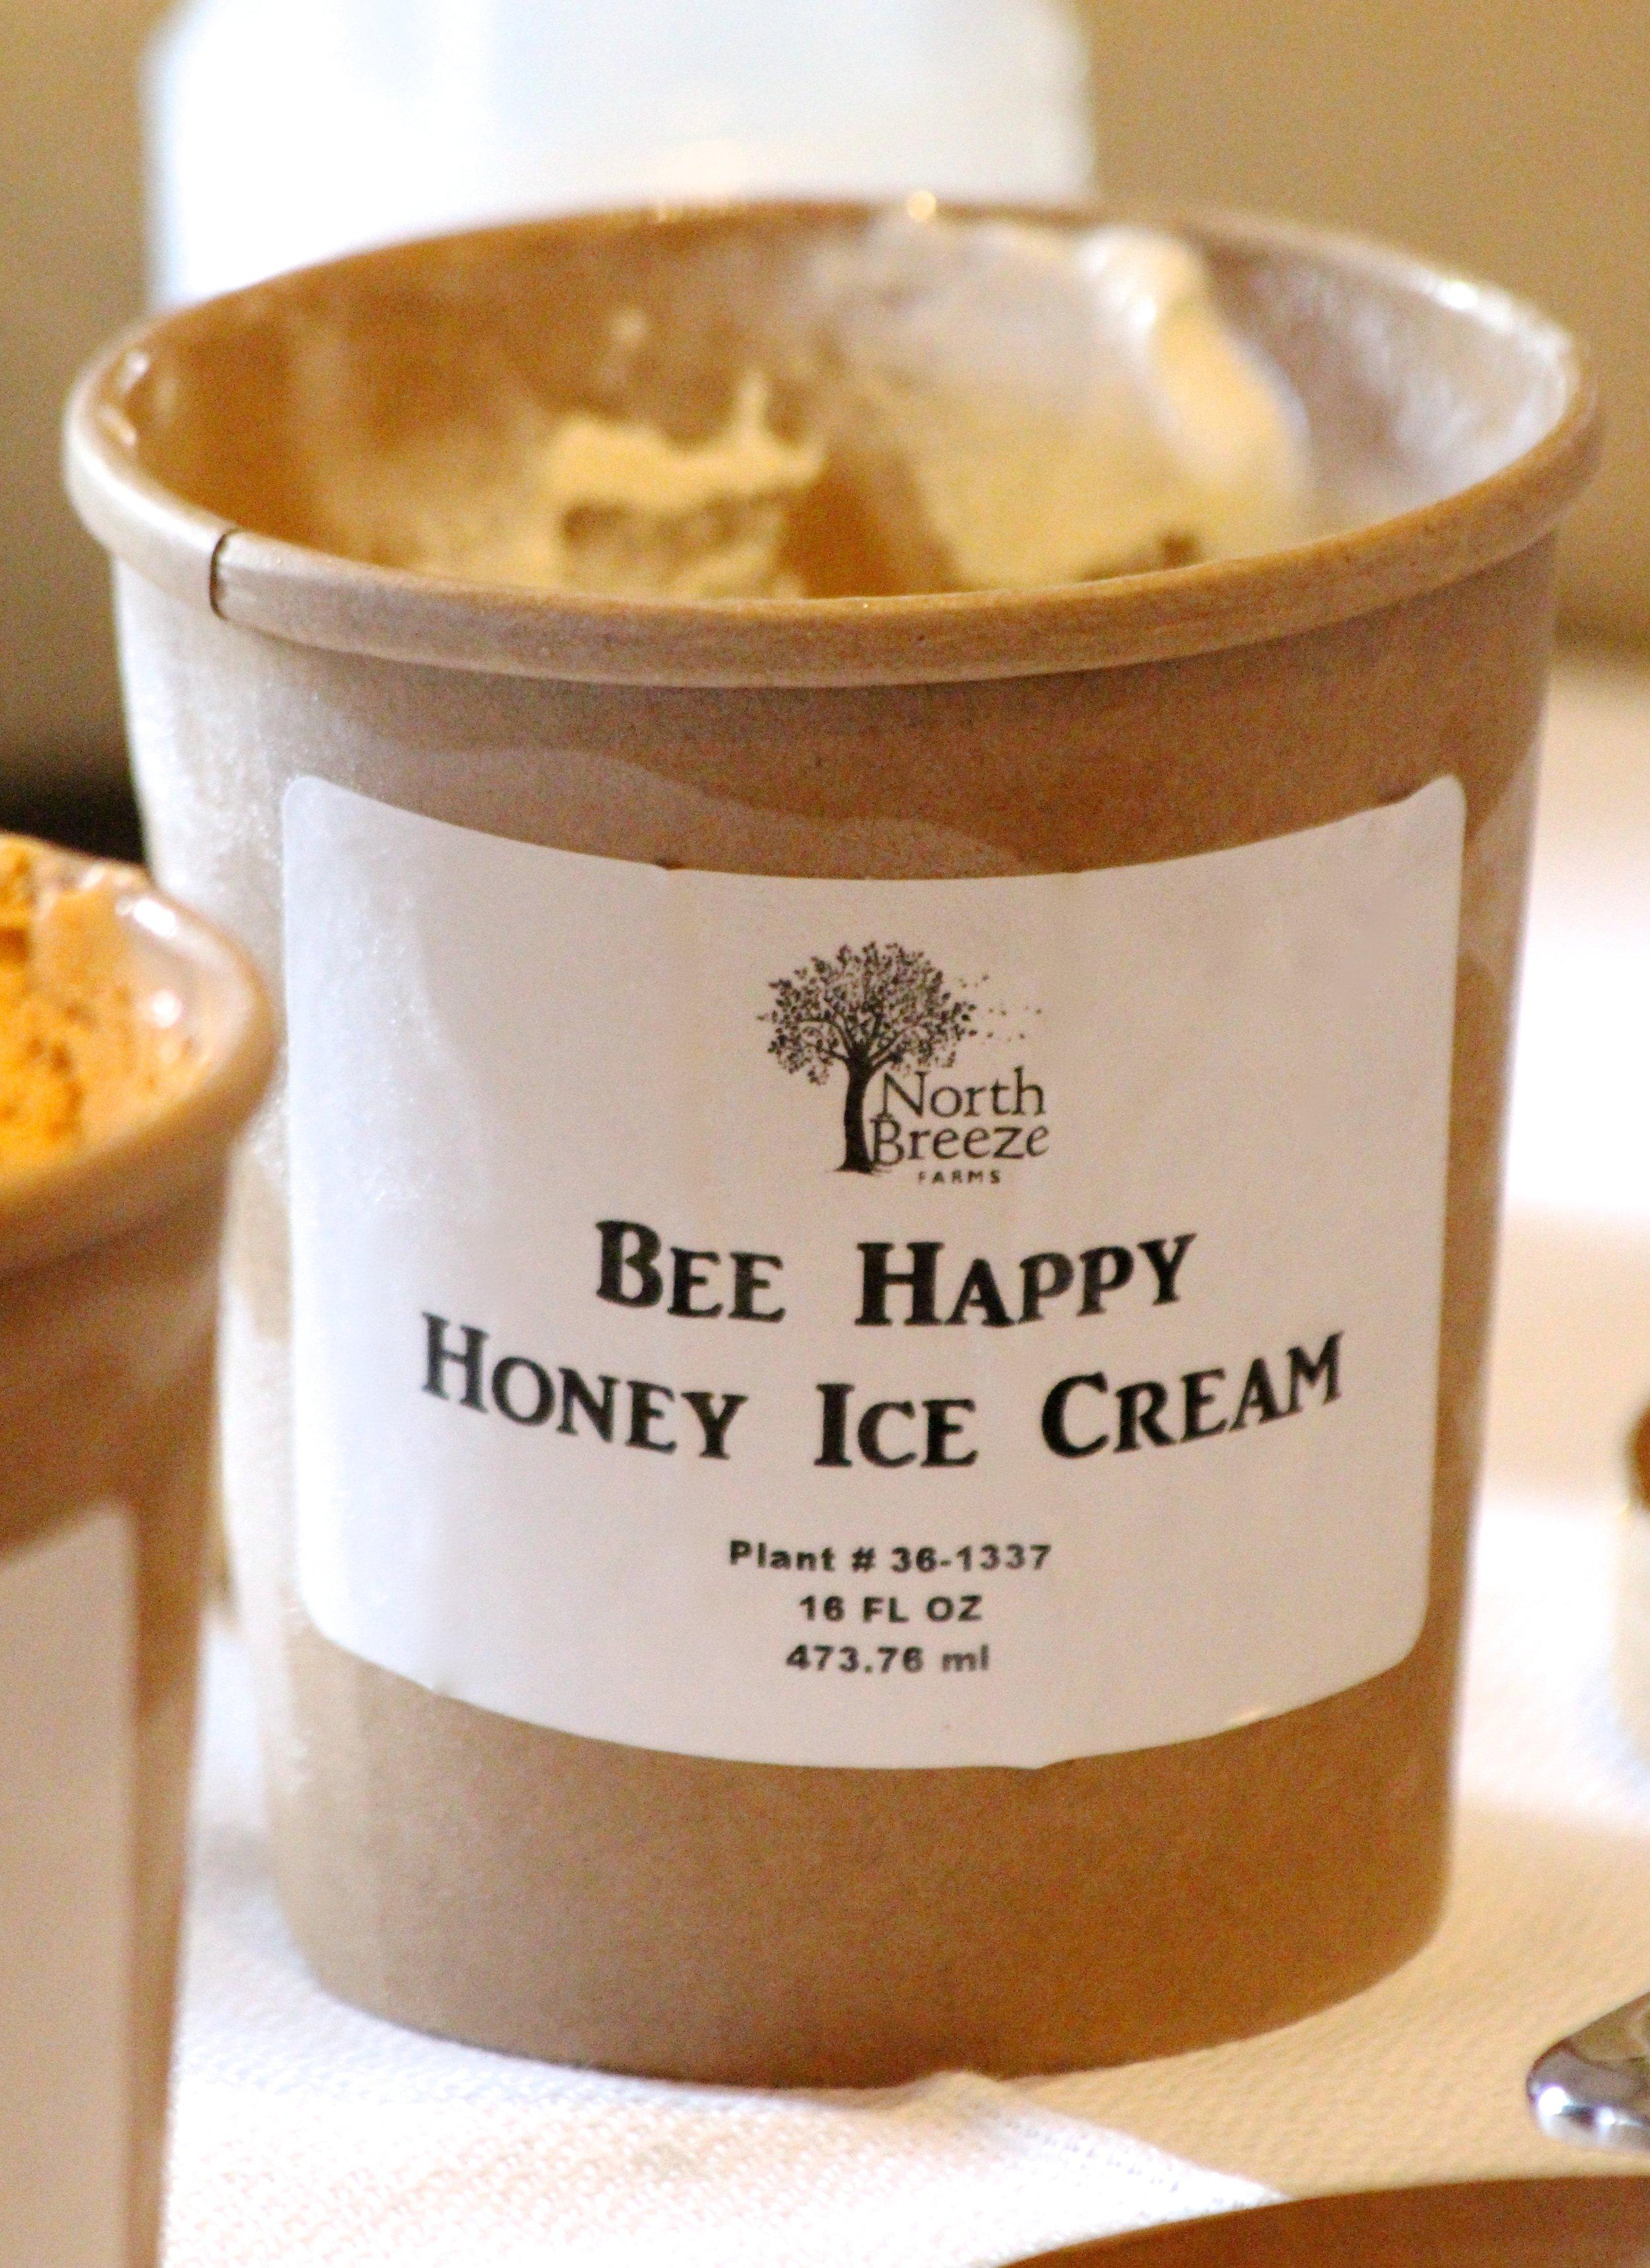 Bee Happy Honey Ice Cream $5.99